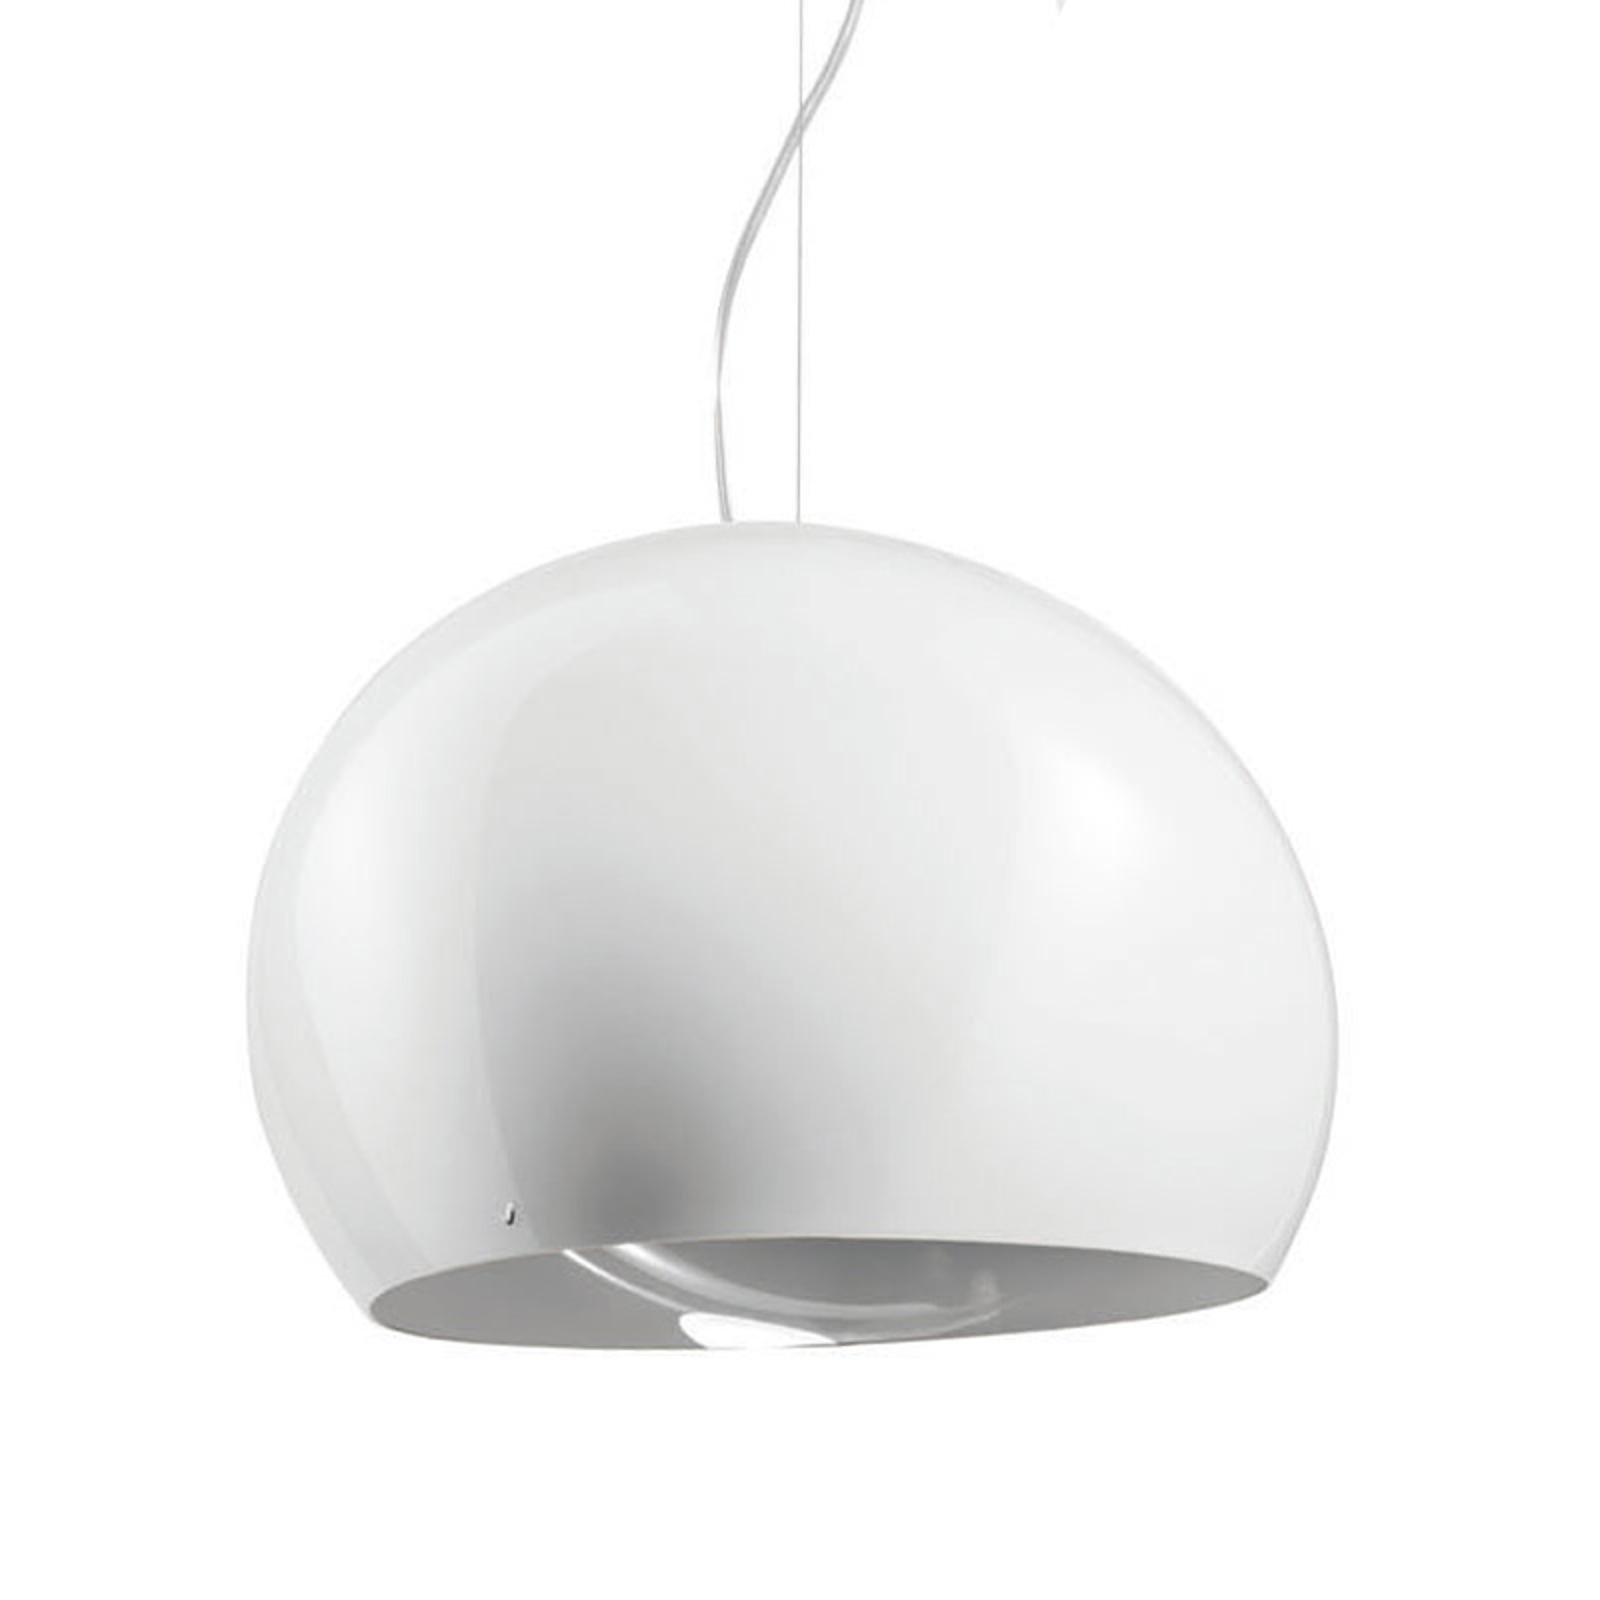 Riippuvalo Surface Ø 27 cm E27 valkoinen/harmaa